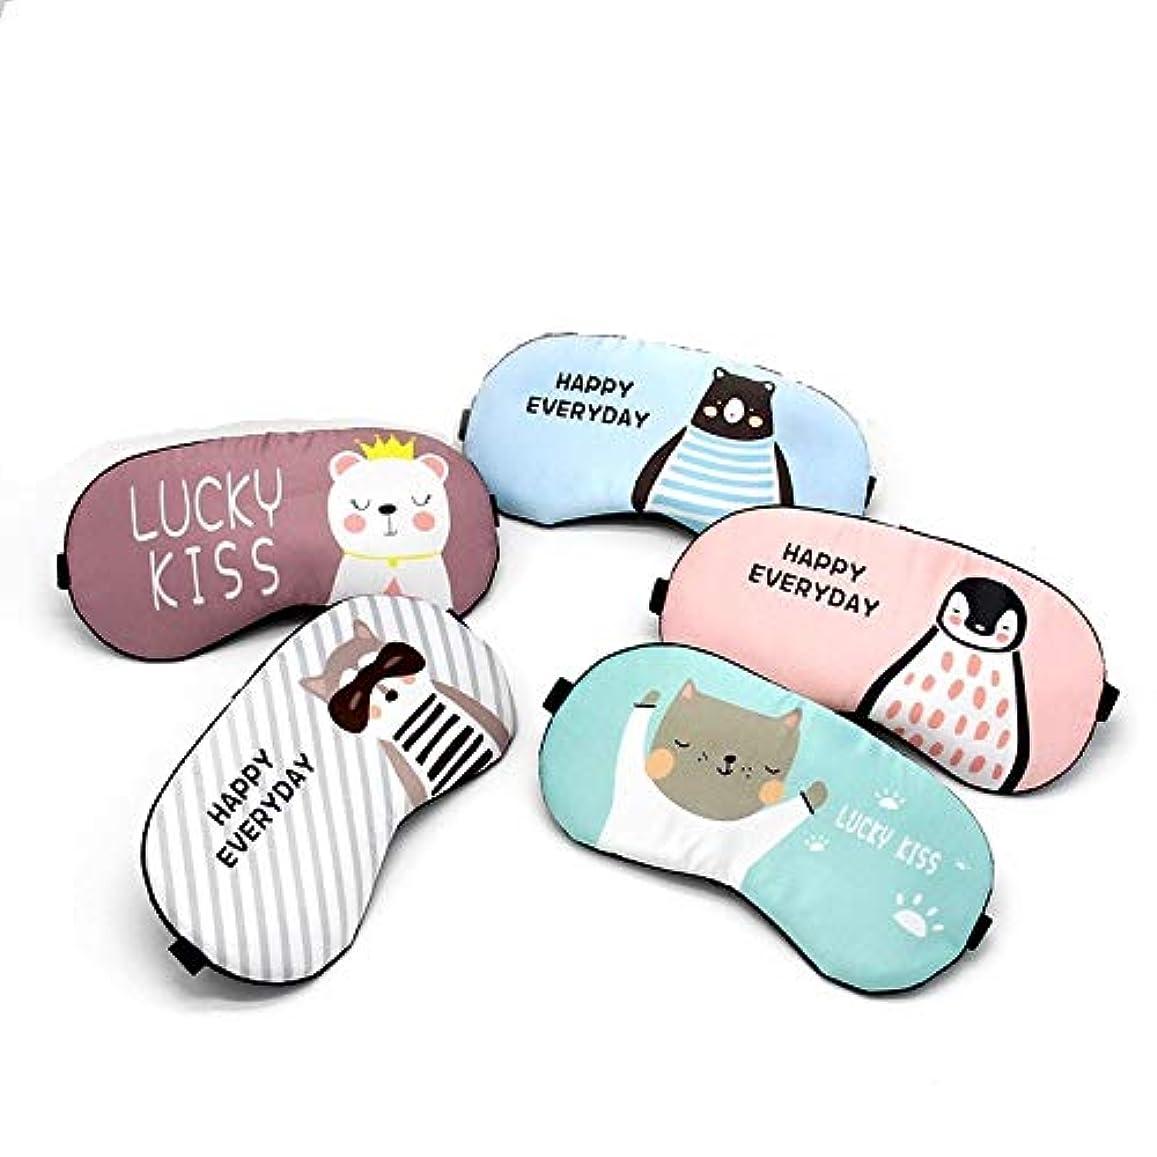 災難不測の事態カナダNOTE アイマスク猫/パンダ/犬の旅行リラックス睡眠補助MP0107のための睡眠マスクアイパッチアイカバー綿クリエイティブラブリー漫画